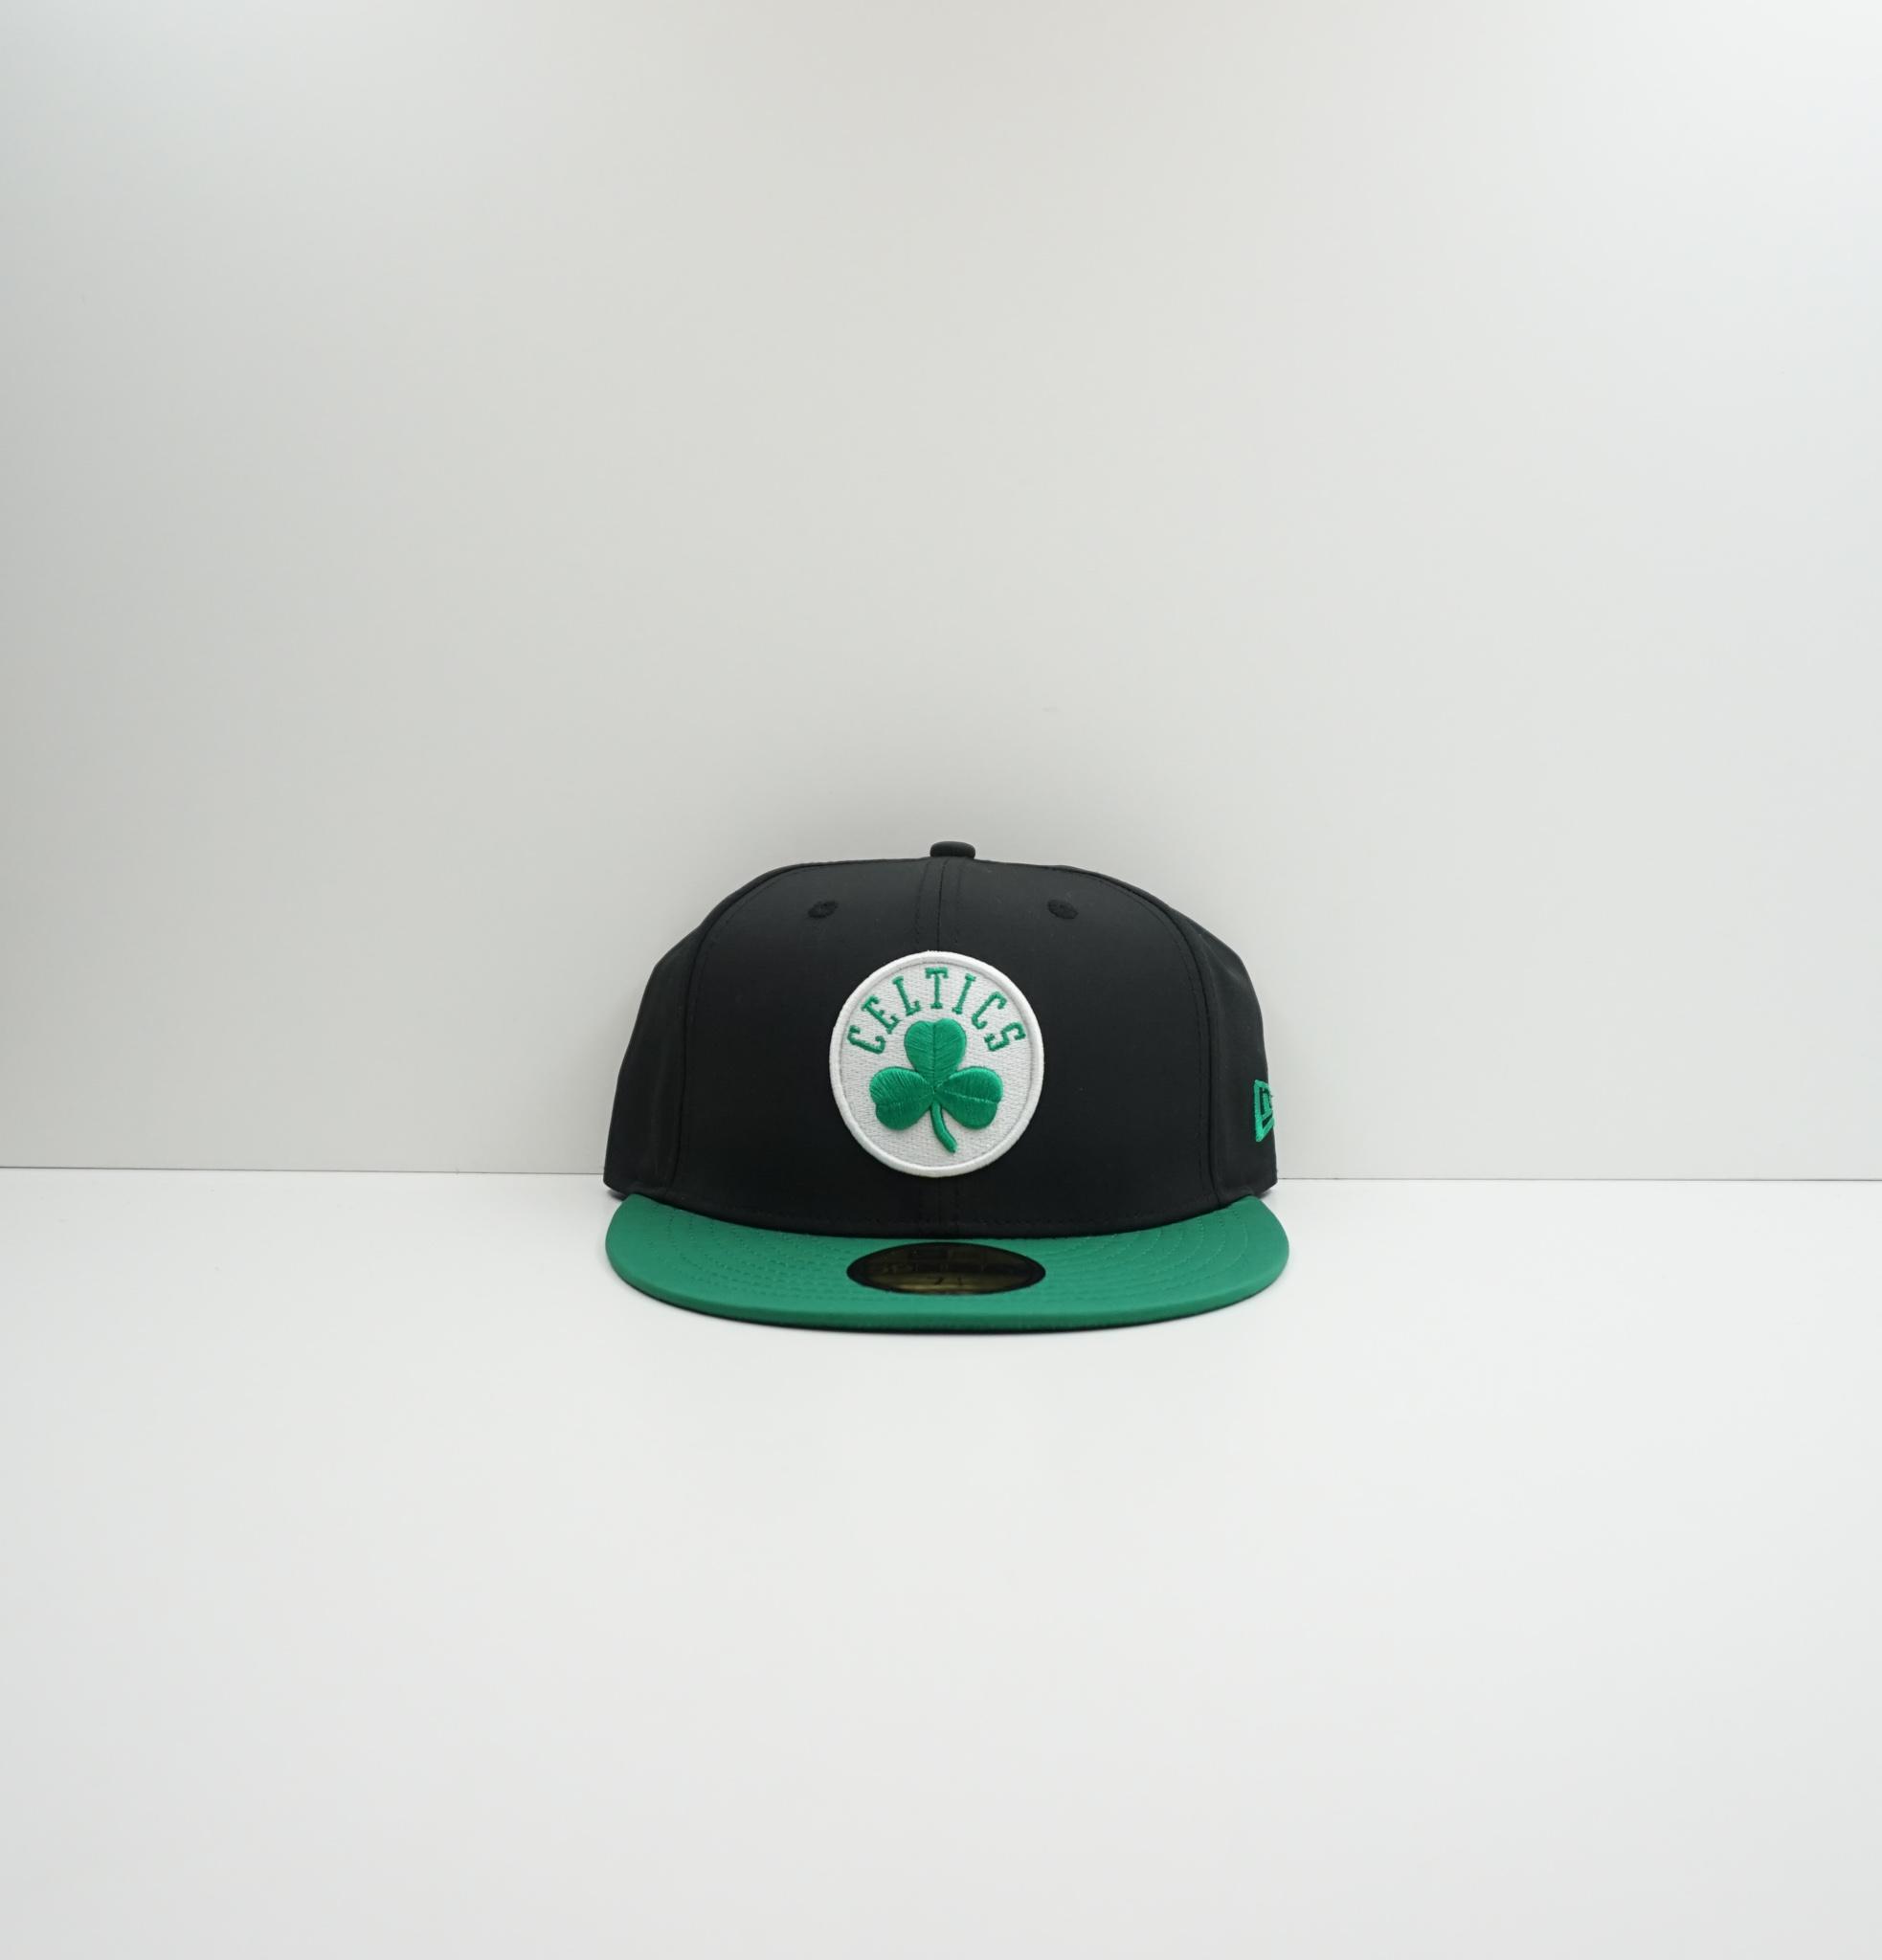 New Era Celtics Cap